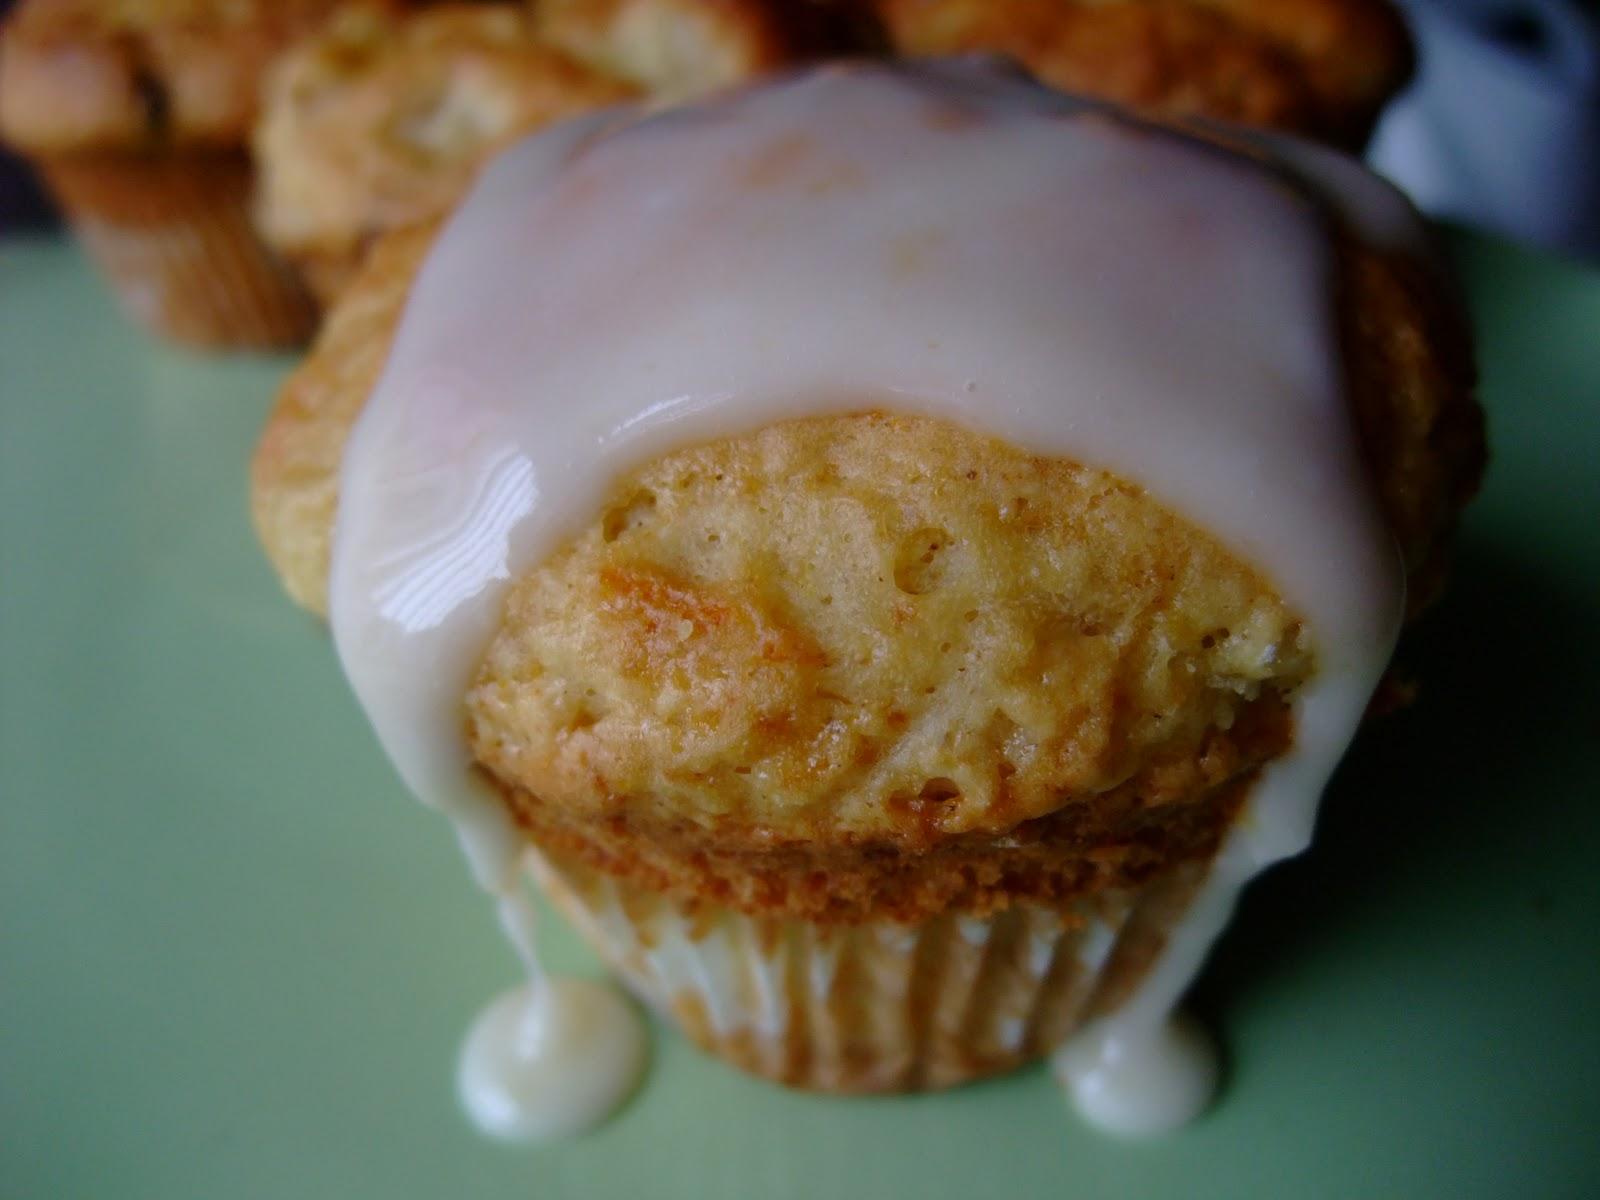 Jaana's kitchen: Peach & Almond Muffins